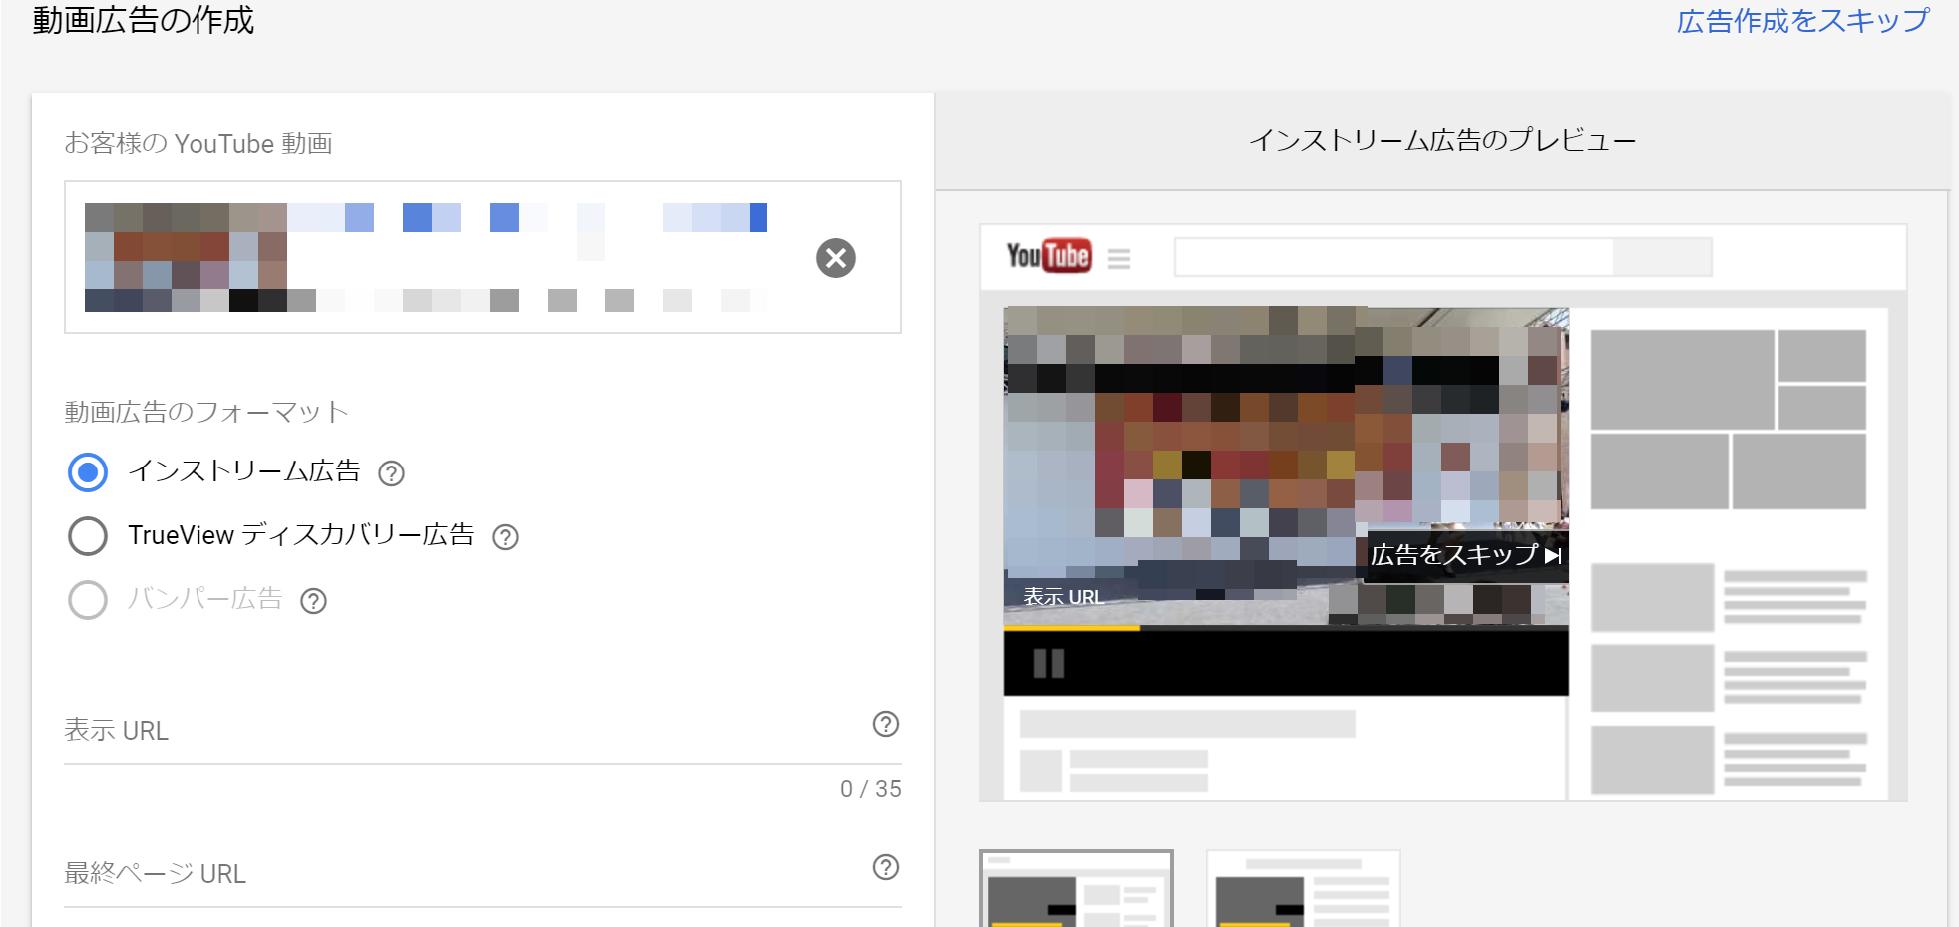 は のみ と youtube プレビュー